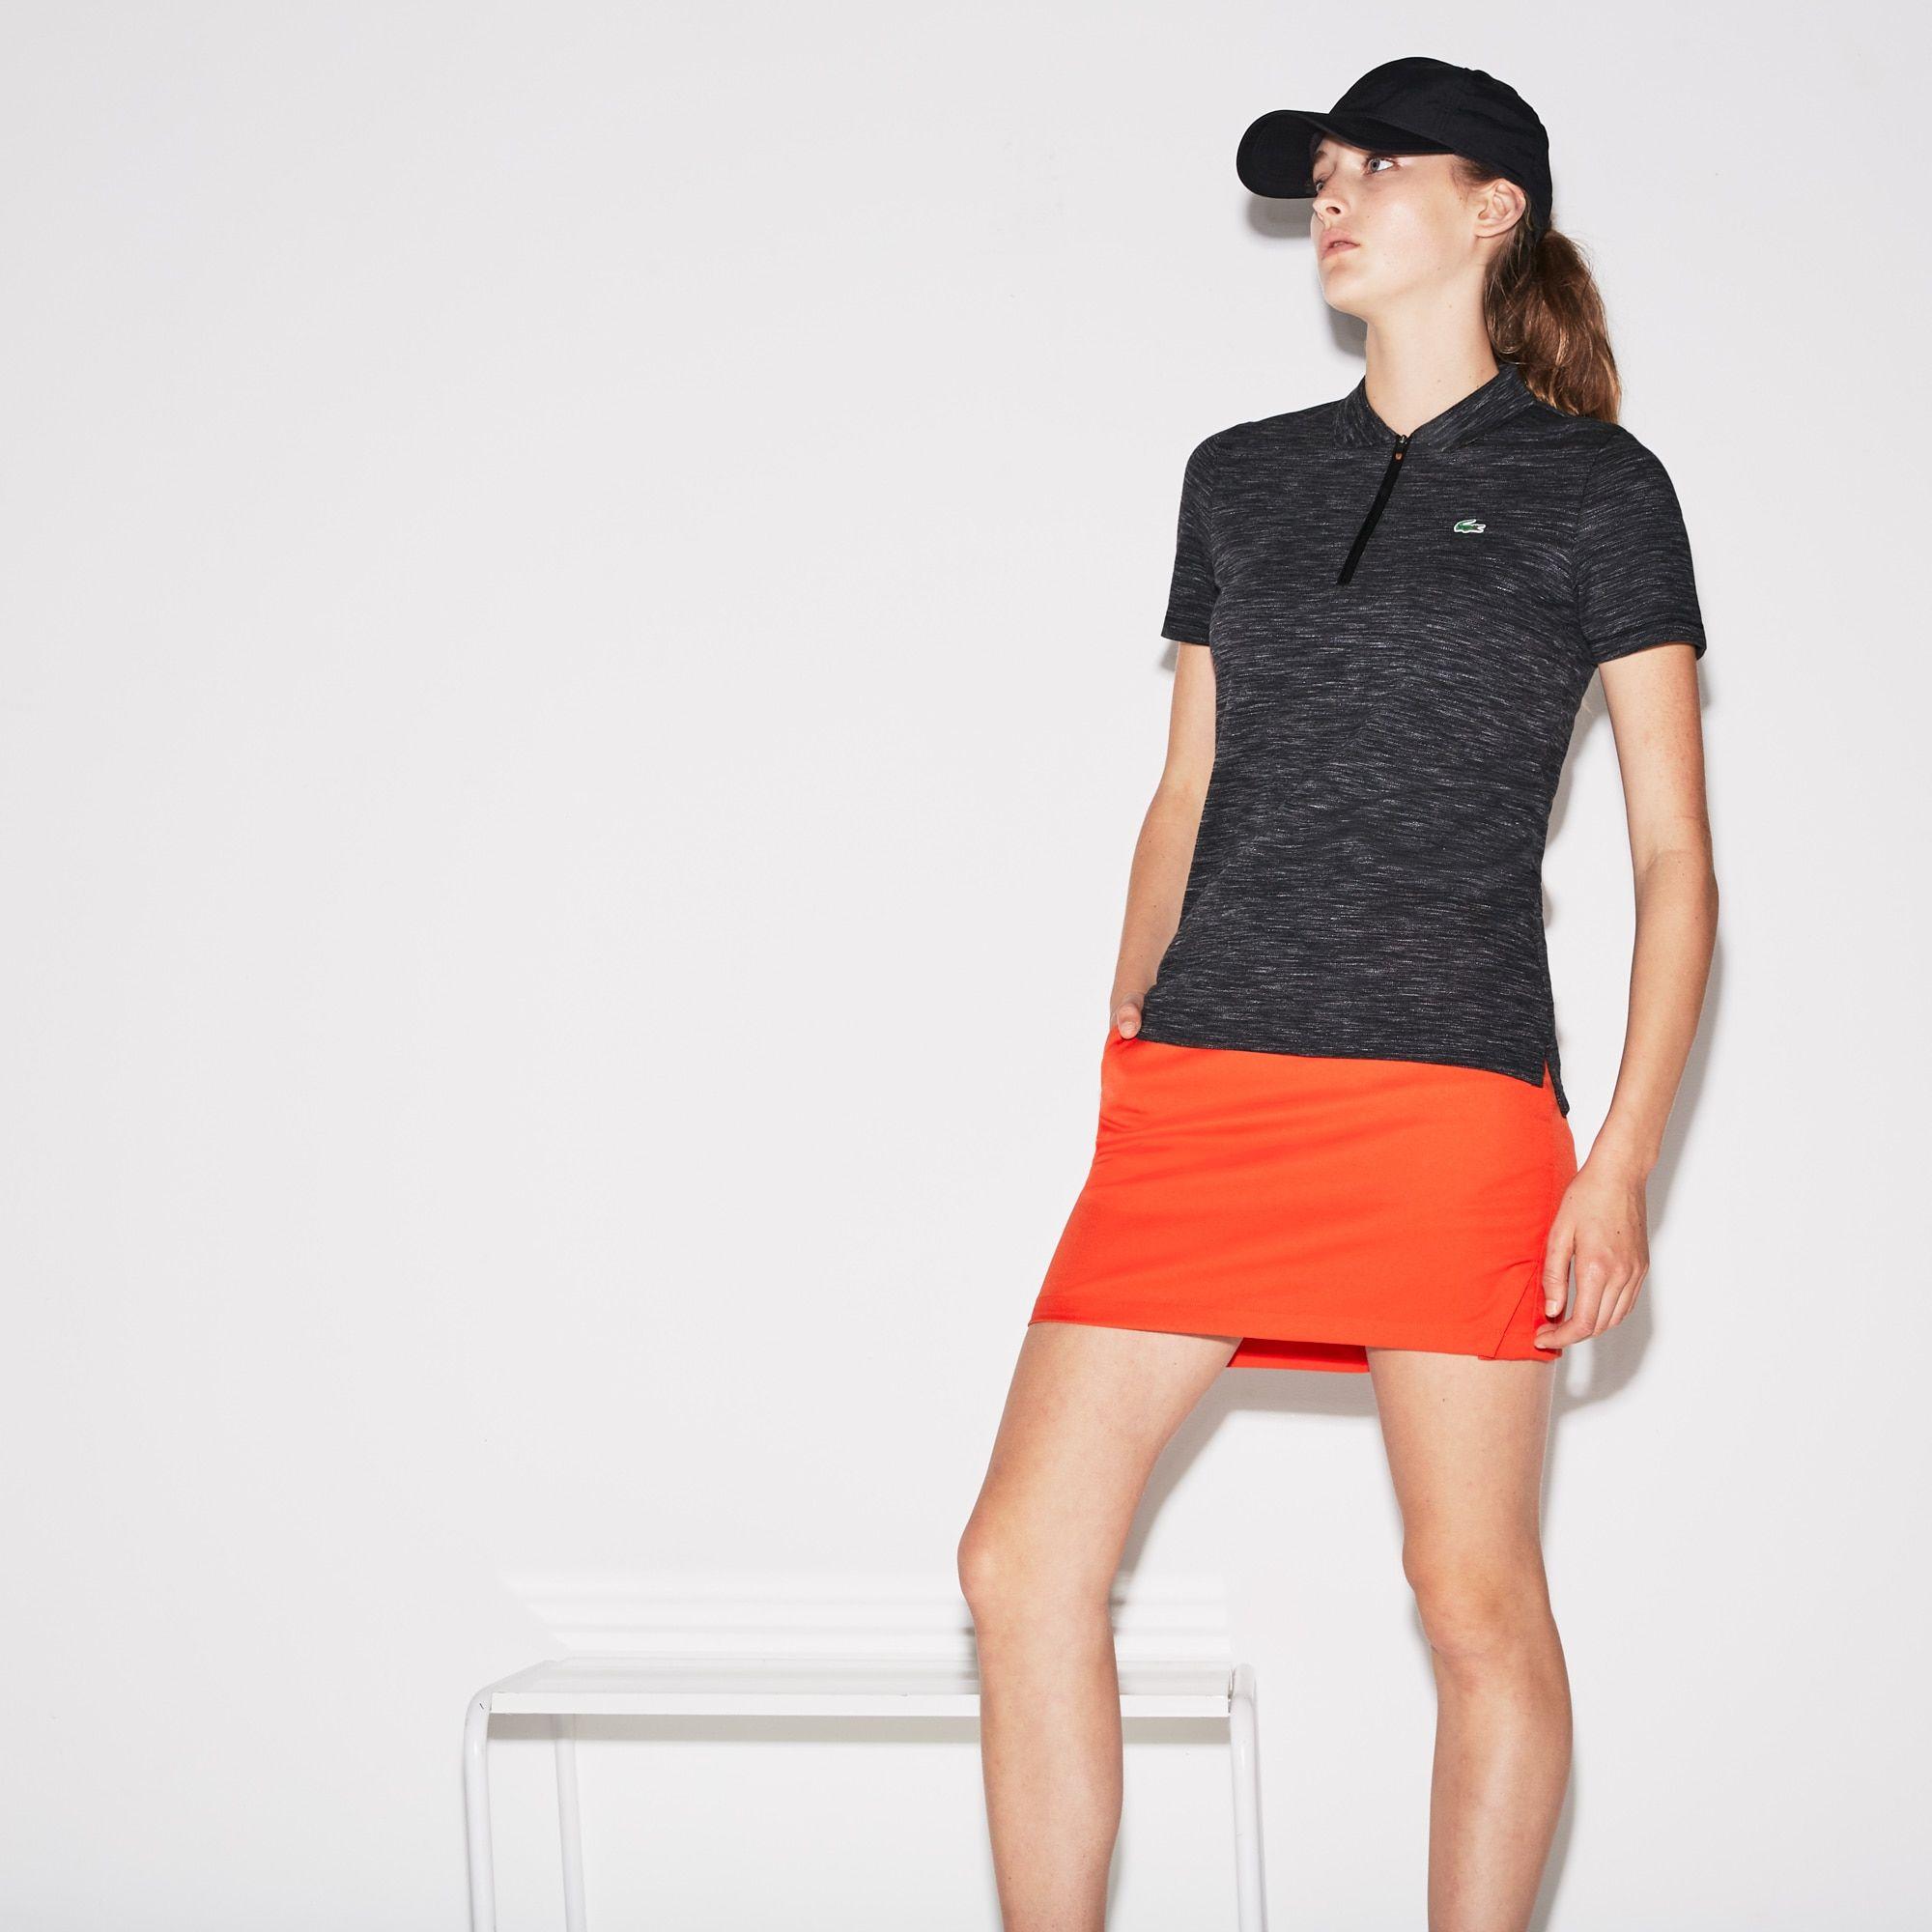 ddc1679979 WOMEN IDLF Corduroy Tucked Skirt | UNIQLO | Fashion Faves! | Skirts,  Corduroy, Short skirts